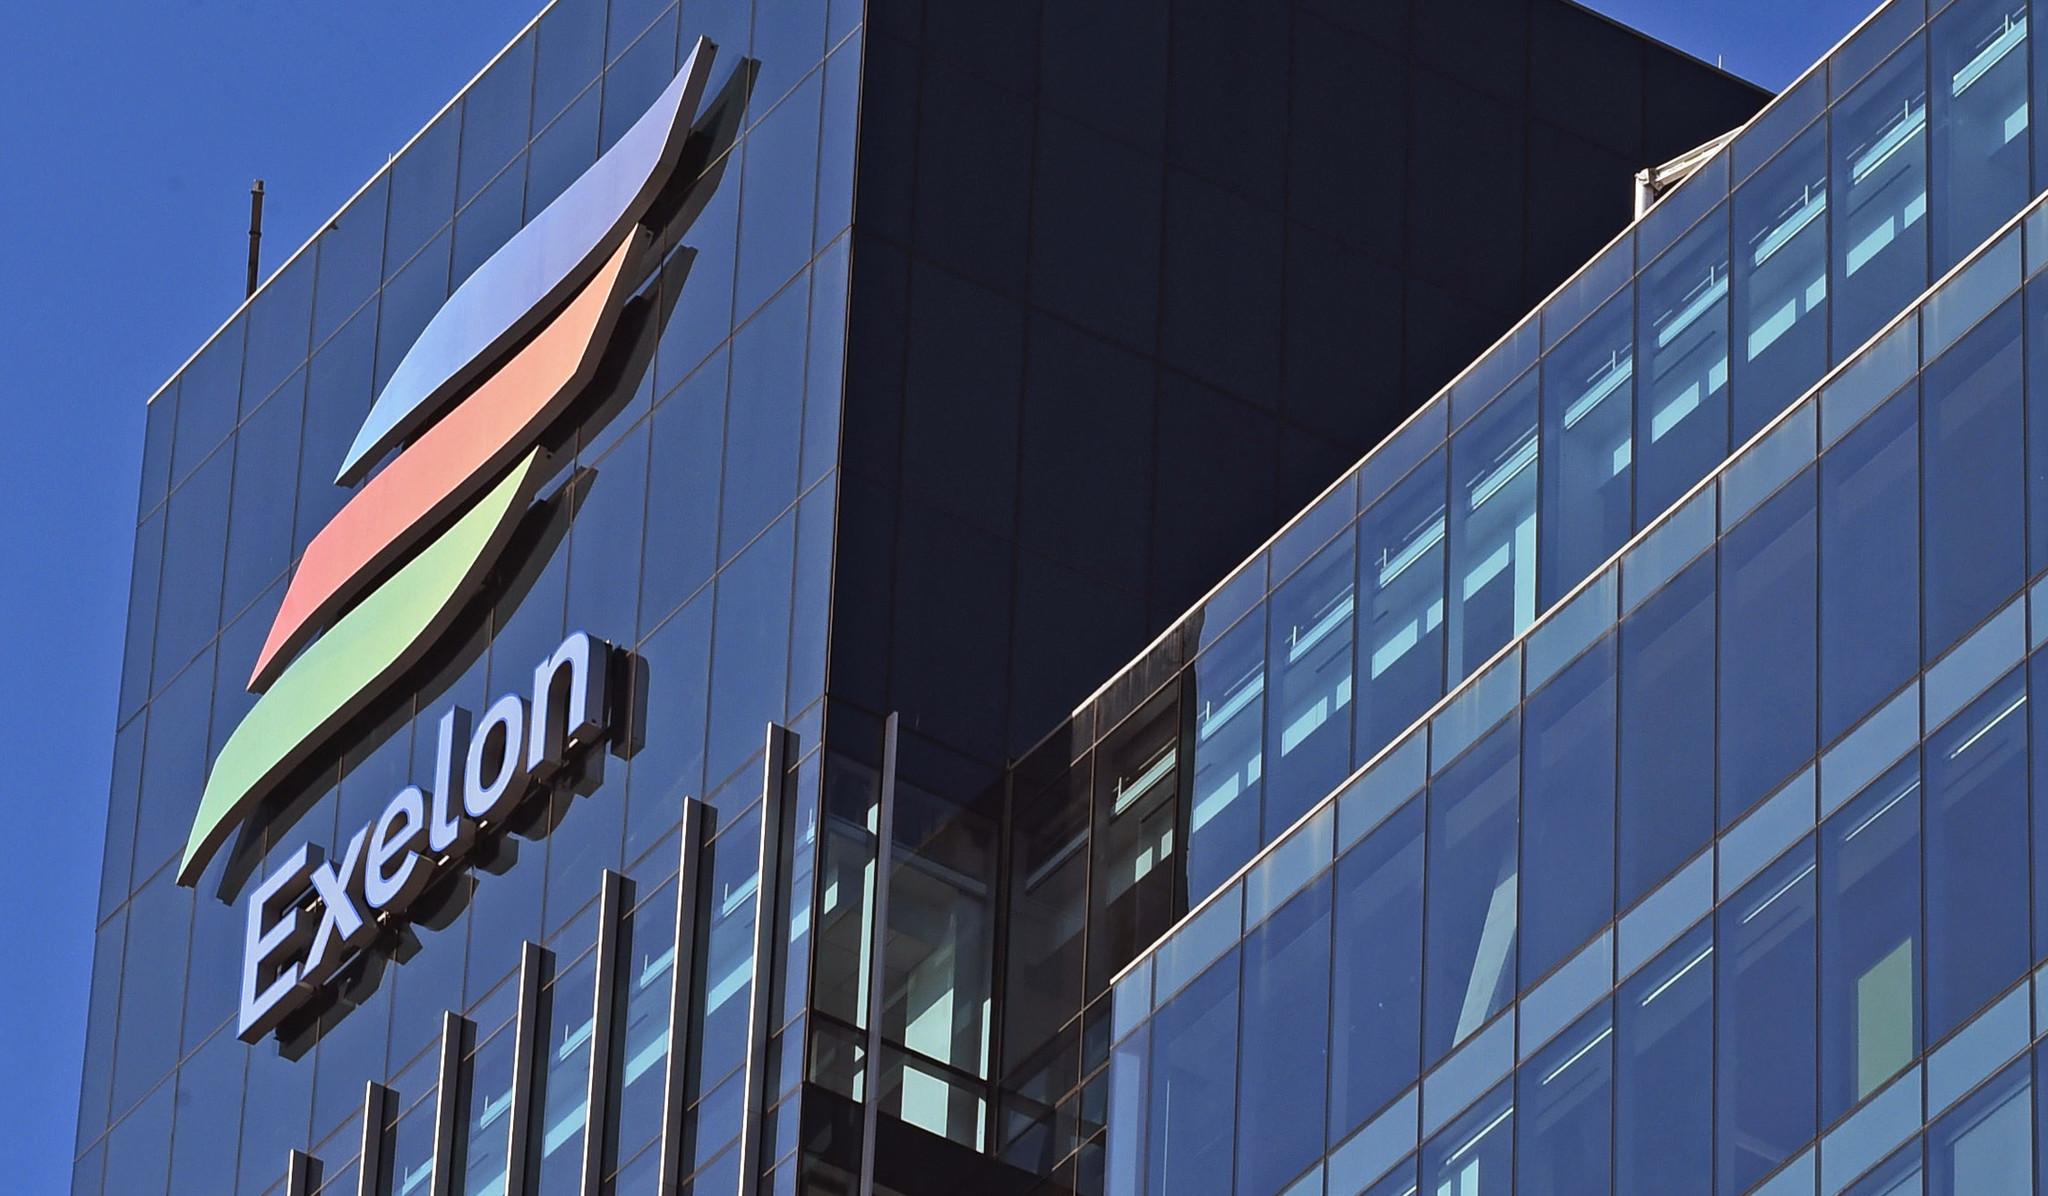 «Exelon» намерена испытать российское «противоаварийное» топливо на своей АЭС в США